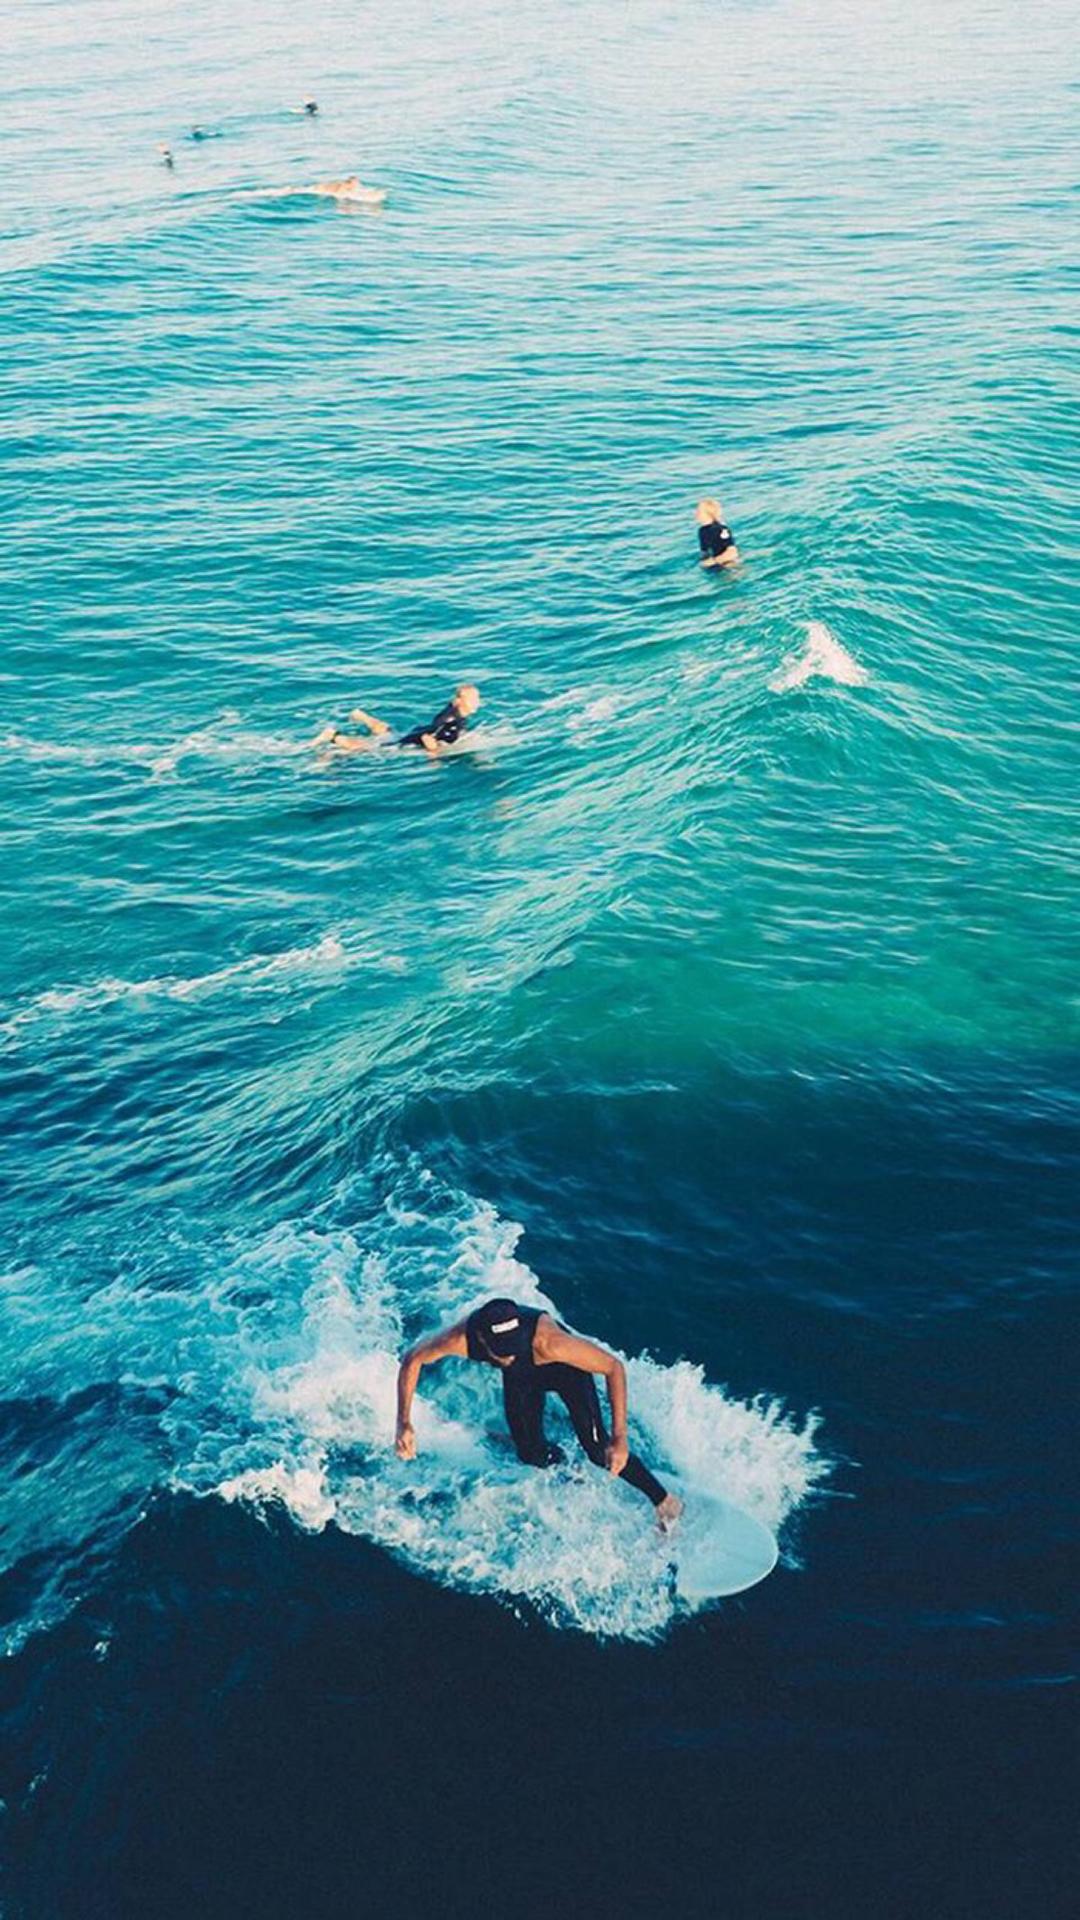 海浪 冲浪 大海 运动 苹果手机高清壁纸 1080x1920